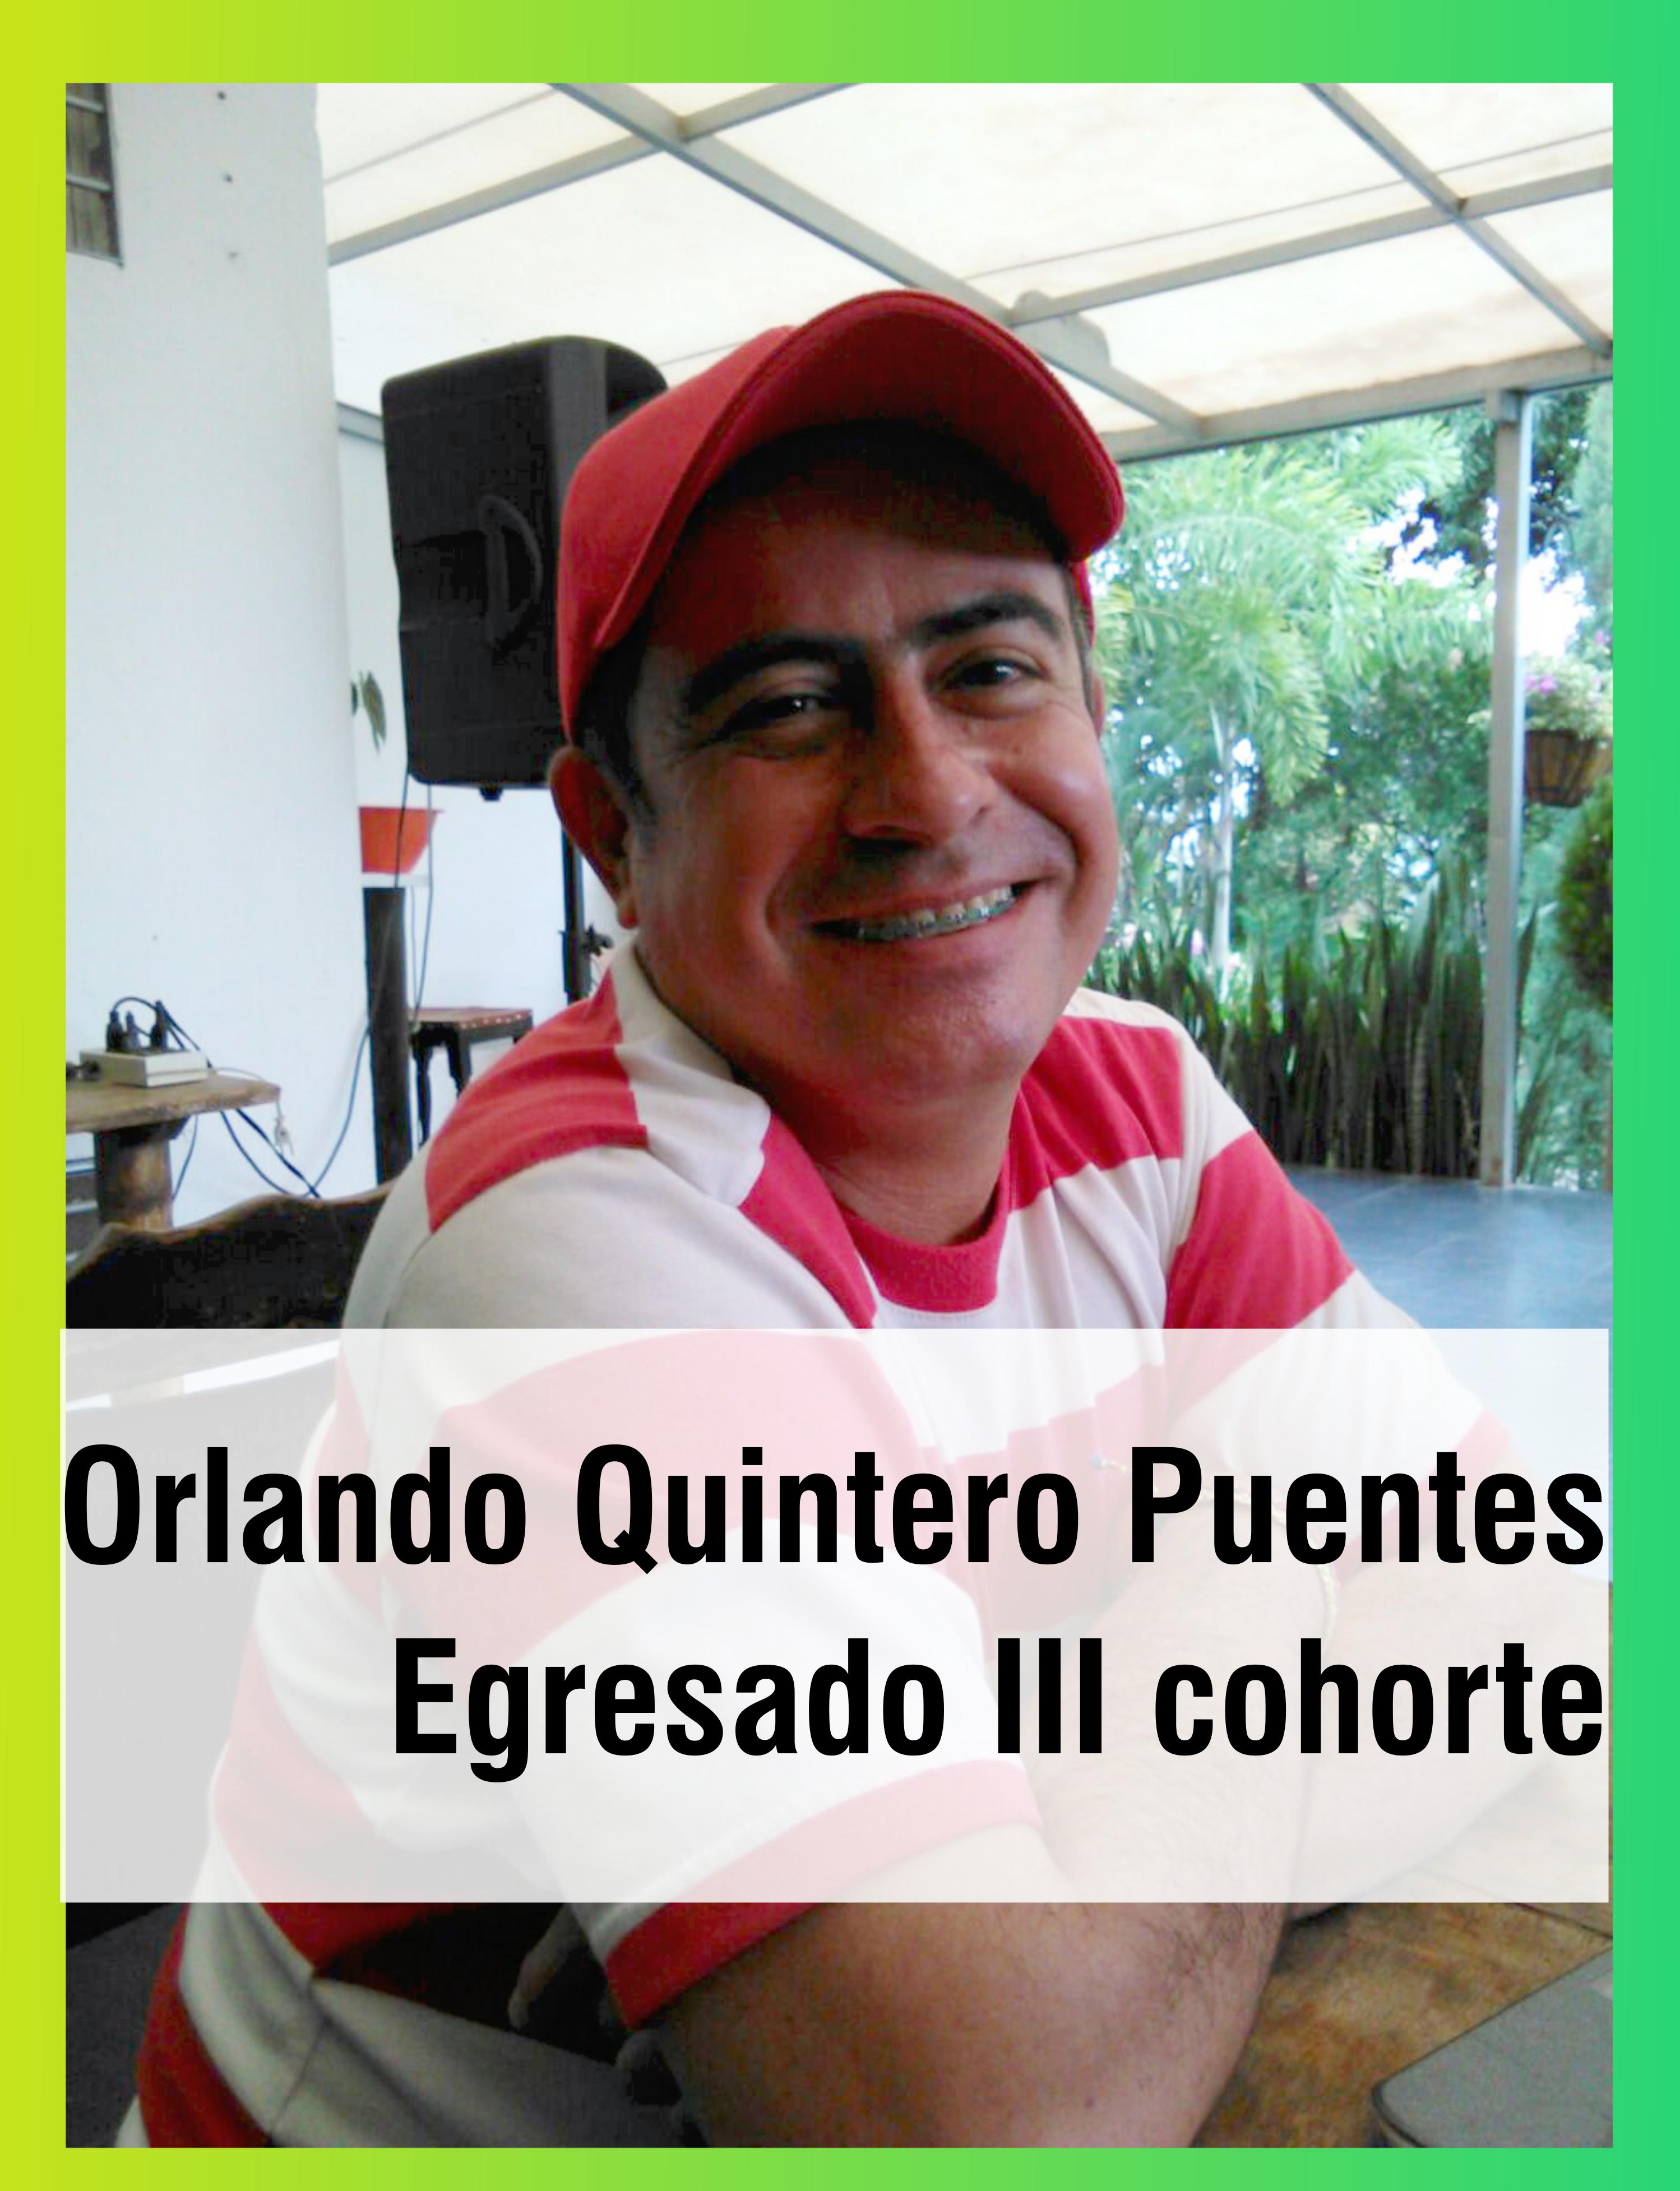 Orlando Quintero Puentes